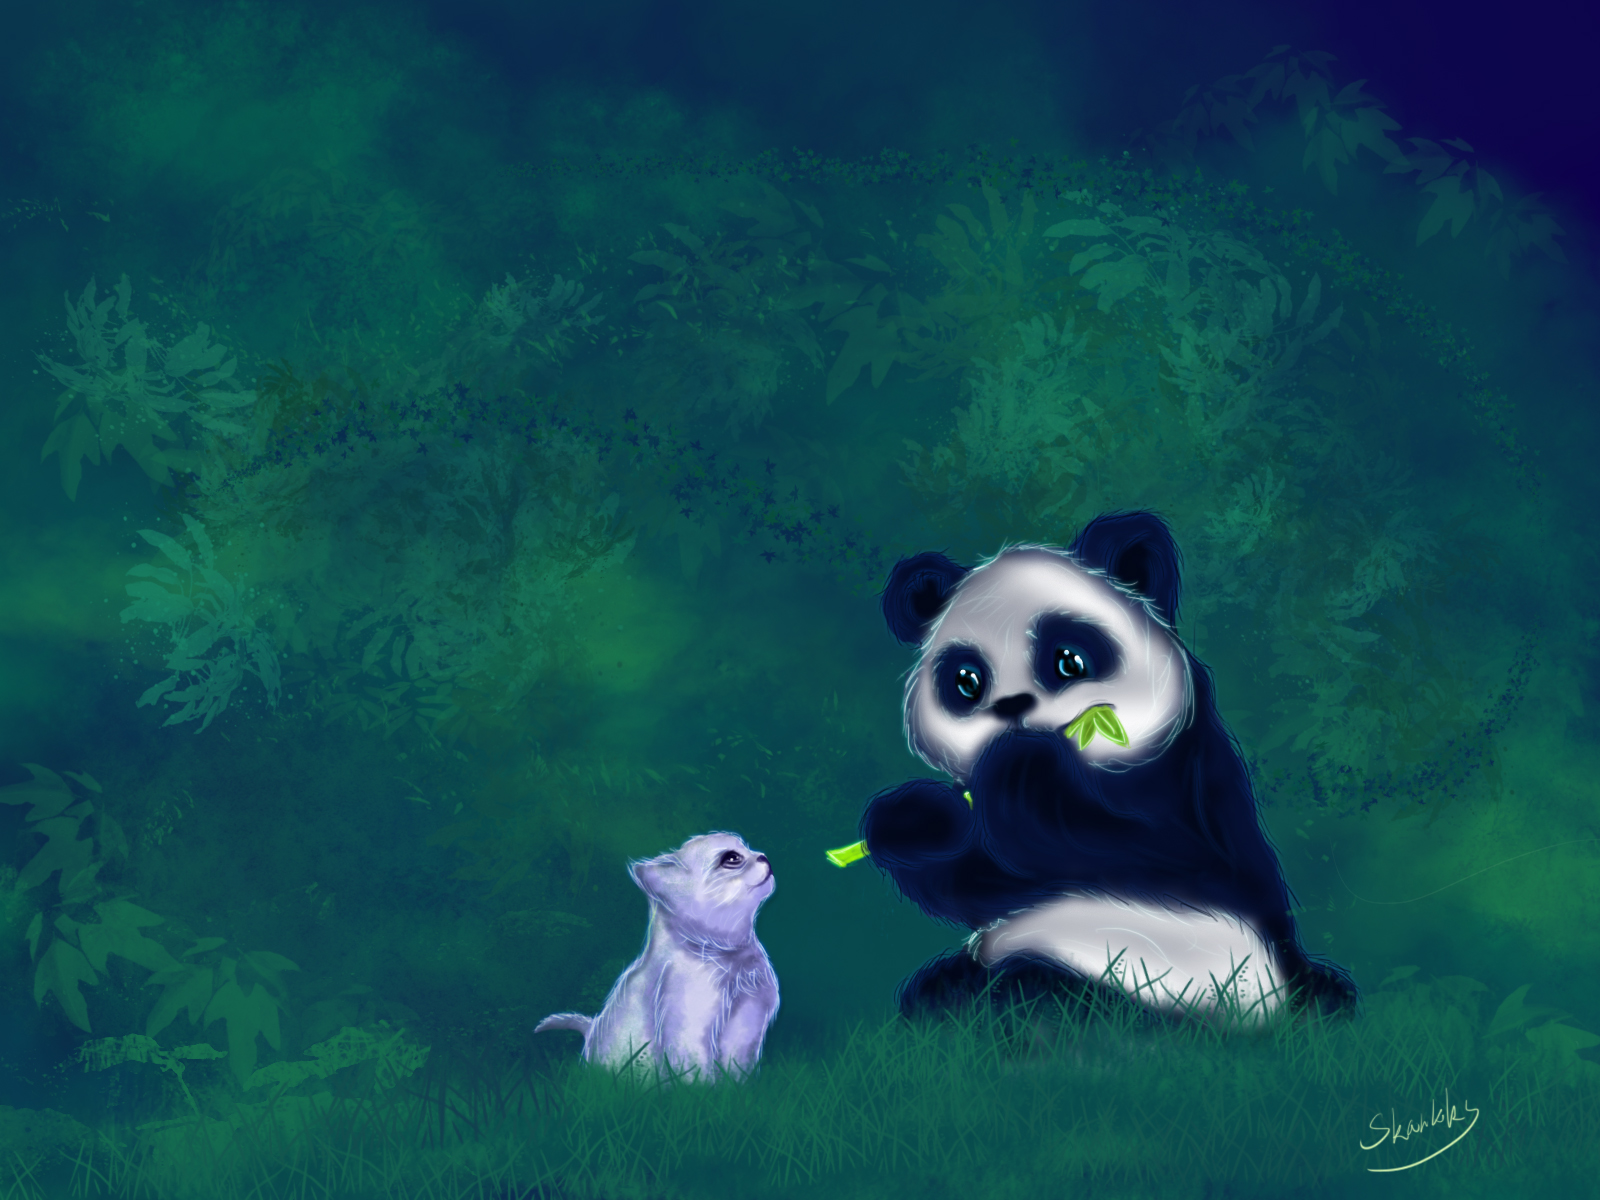 Cat and Panda